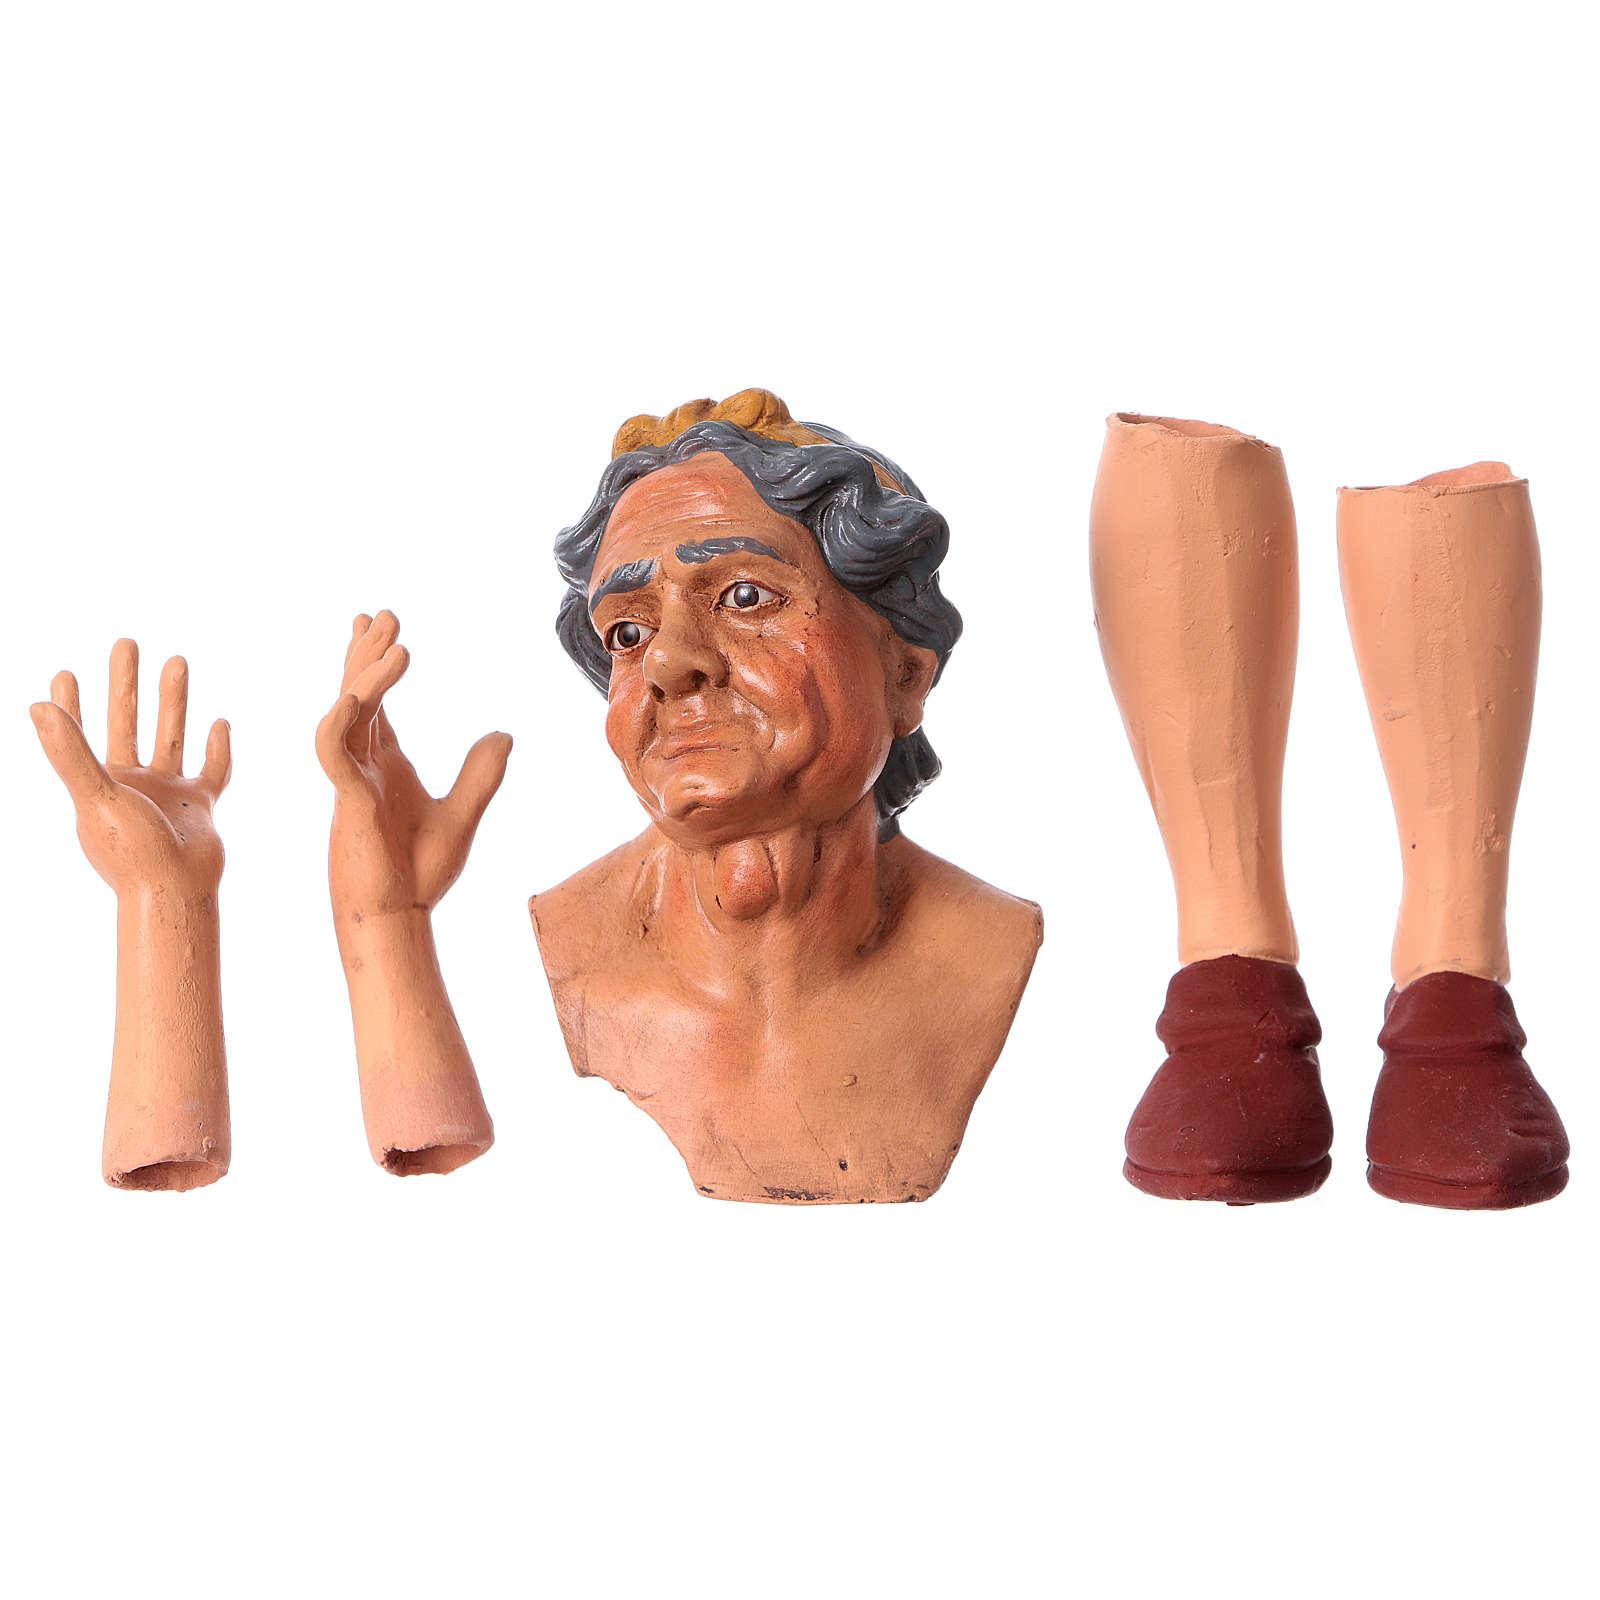 Testa mani piedi Donna Anziana 35 cm occhi in vetro 4